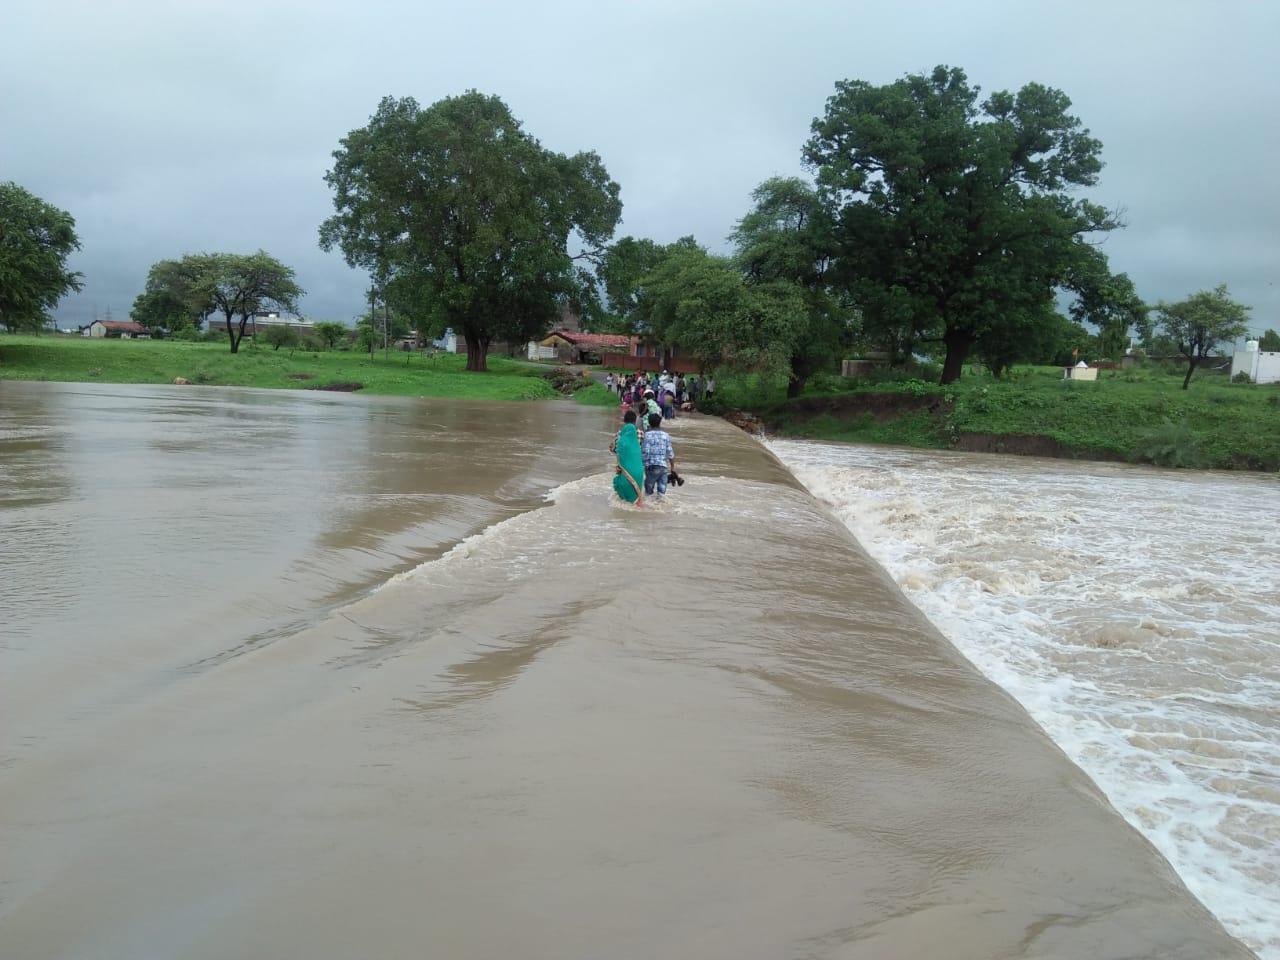 तेज बारिश से नदी-नाले उफने, रपटों पर बाढ़ का पानी, 20 रुपए में पार निकाला जा रहा